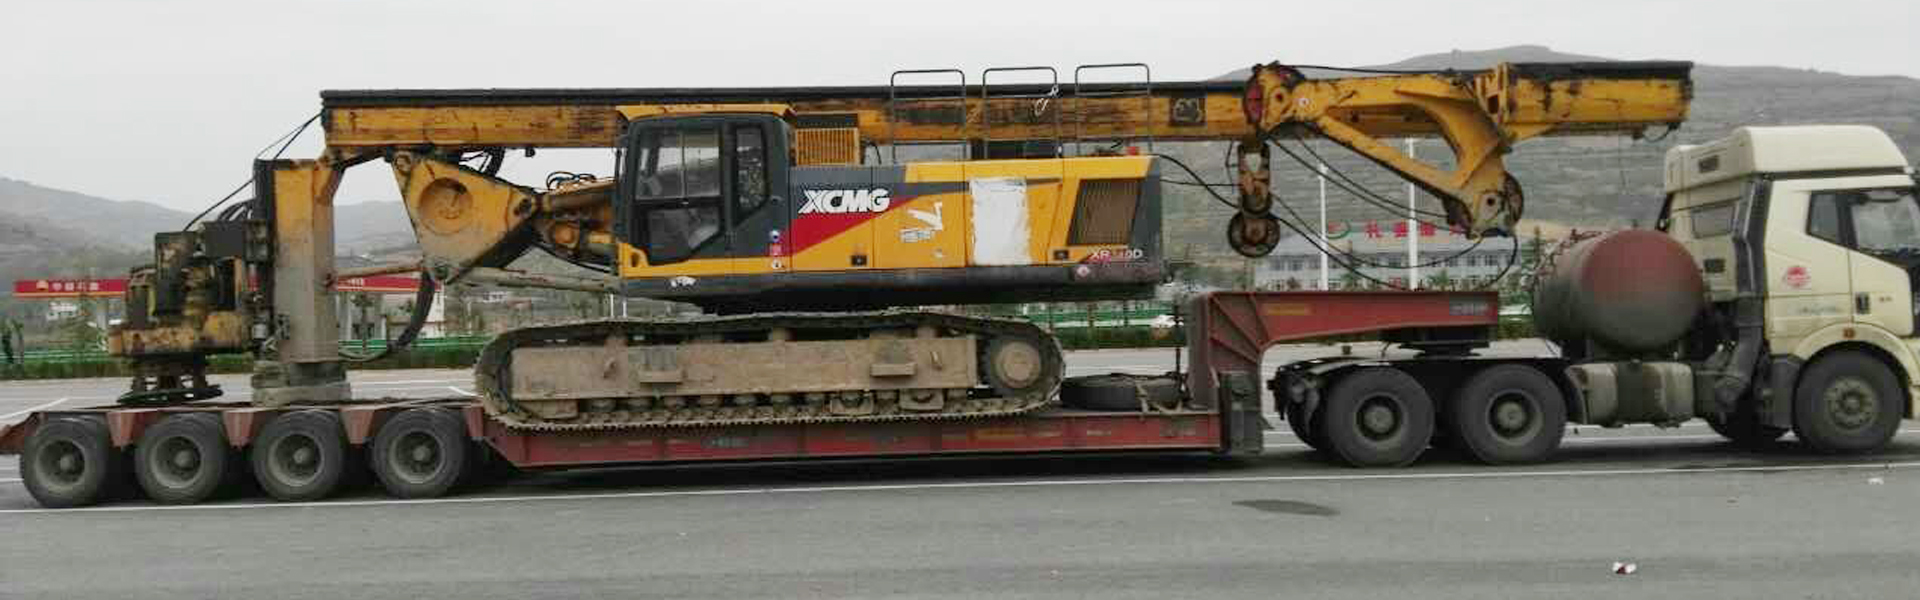 工程机械挖掘机运输